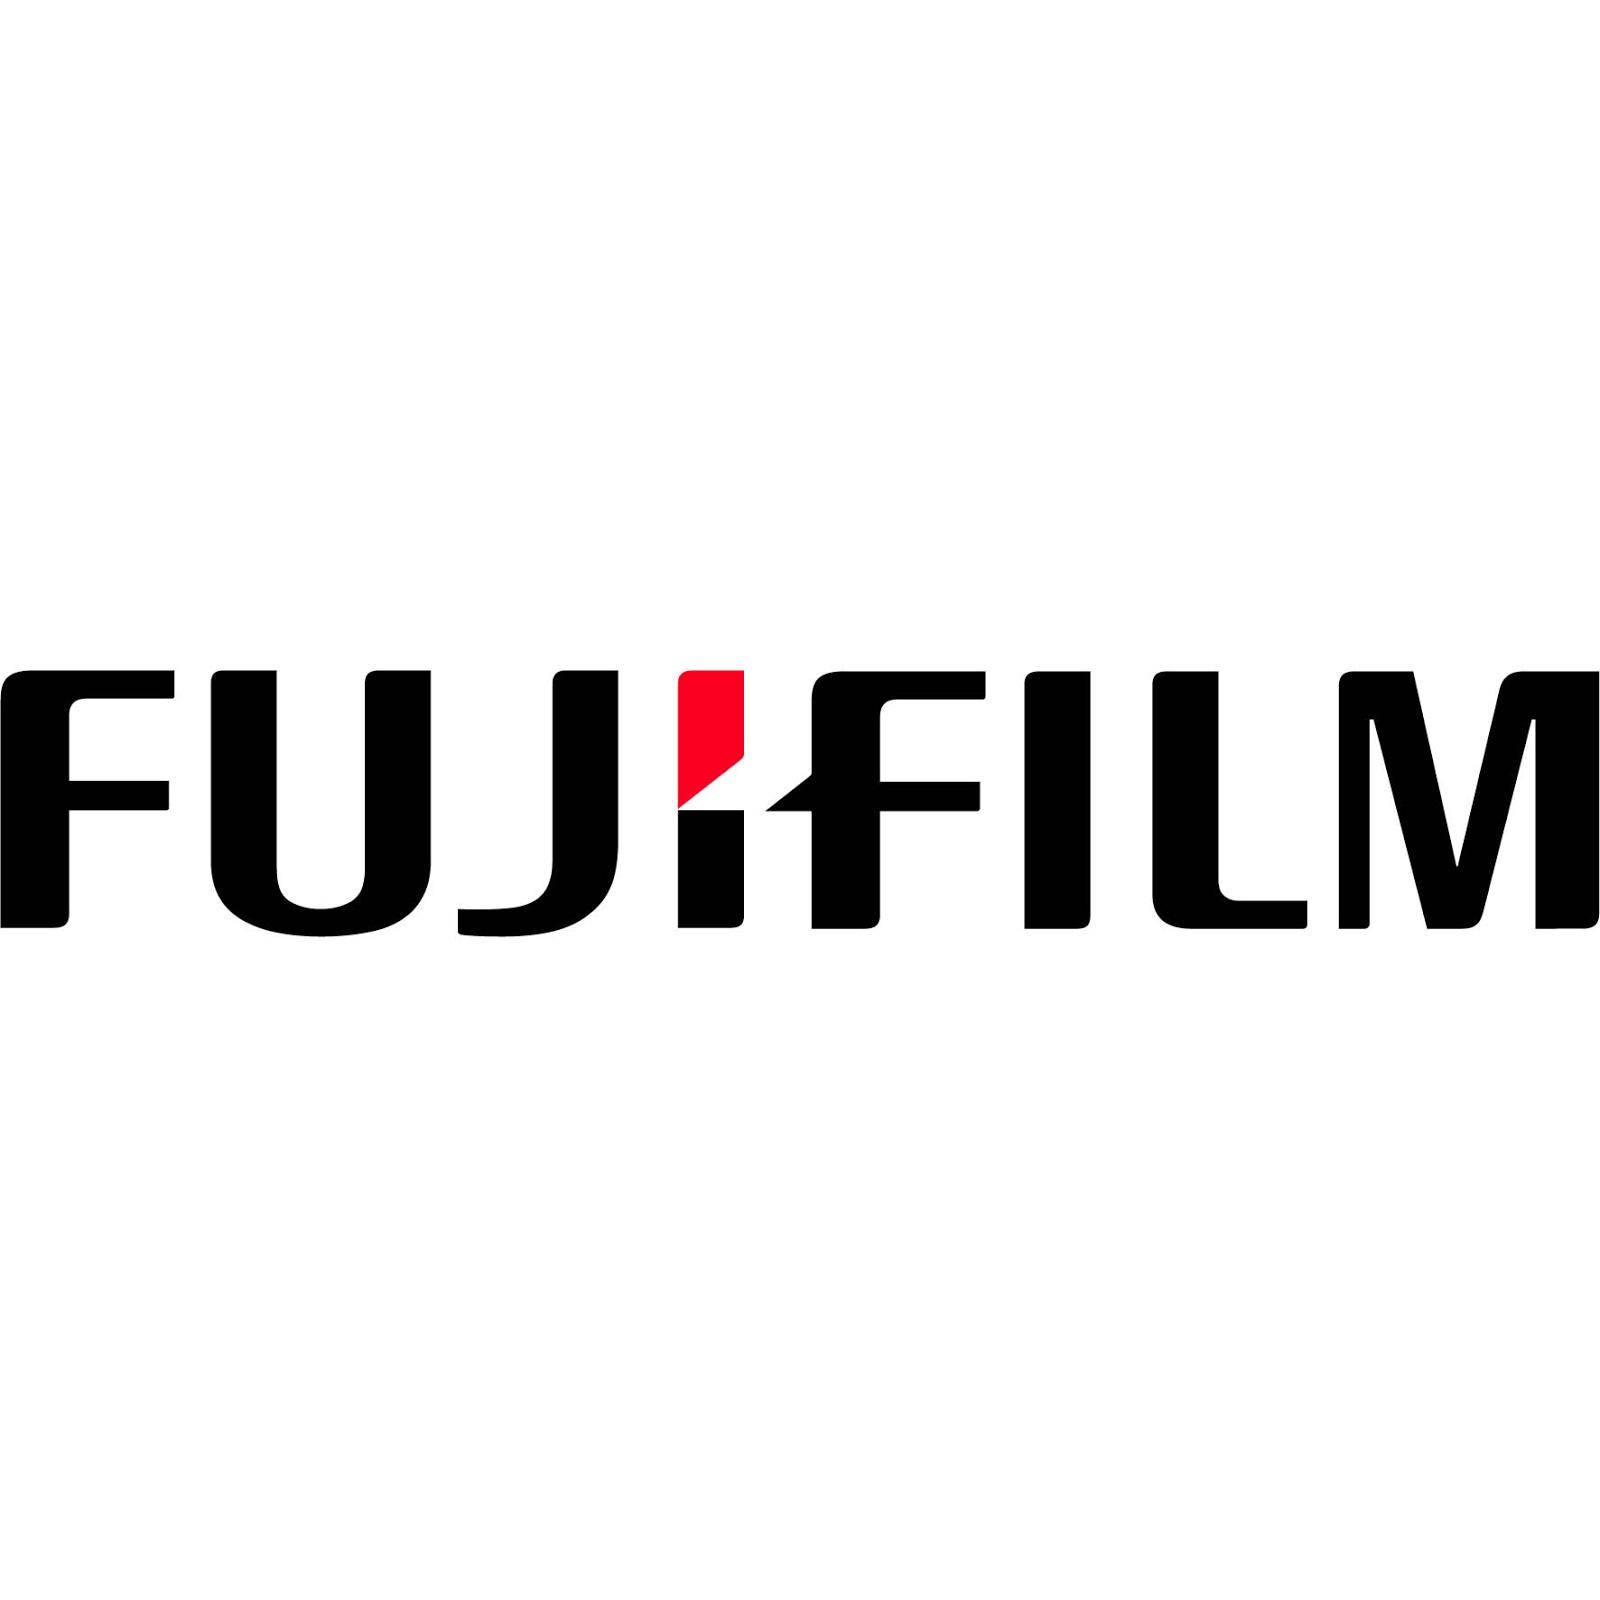 very popular logo june 2013